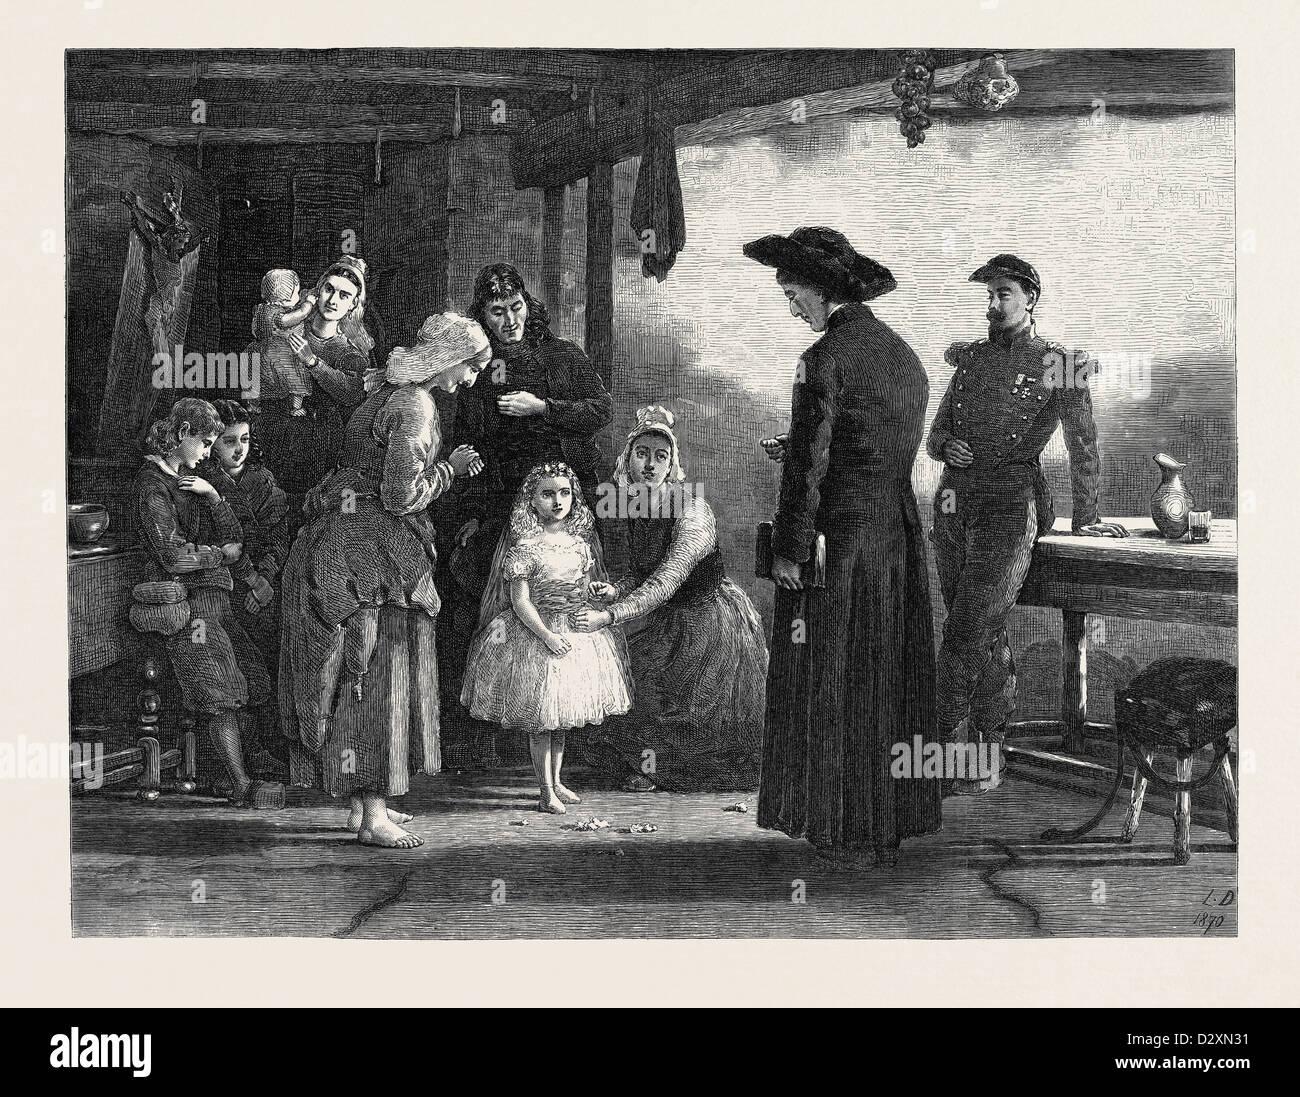 THE FETE DE LA VIERGE BY LAURENCE DUNCAN 1871 - Stock Image